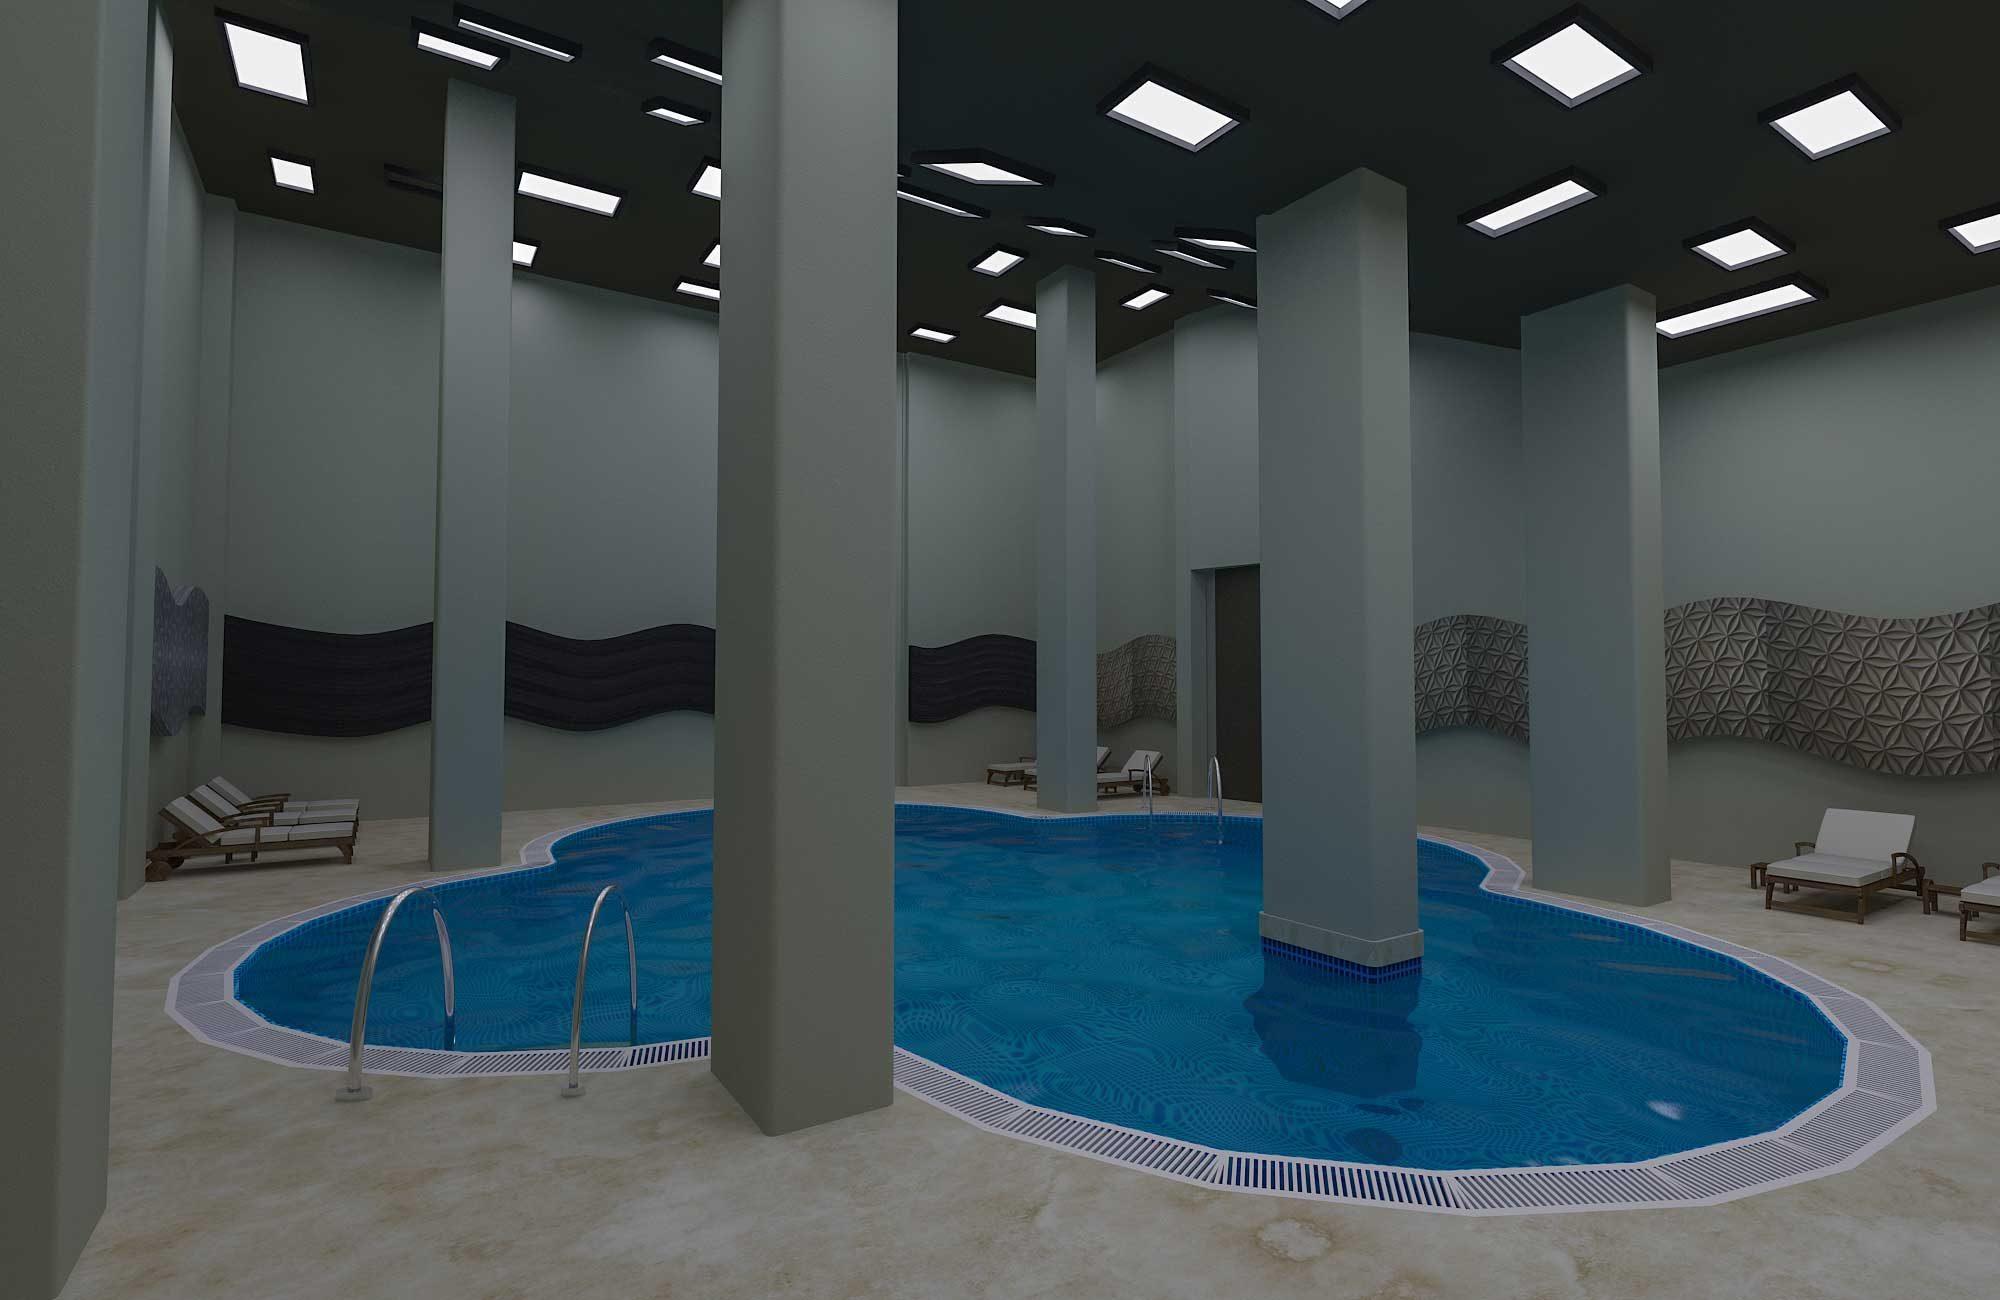 Şehr-i Sefa Konakları - Havuzlar